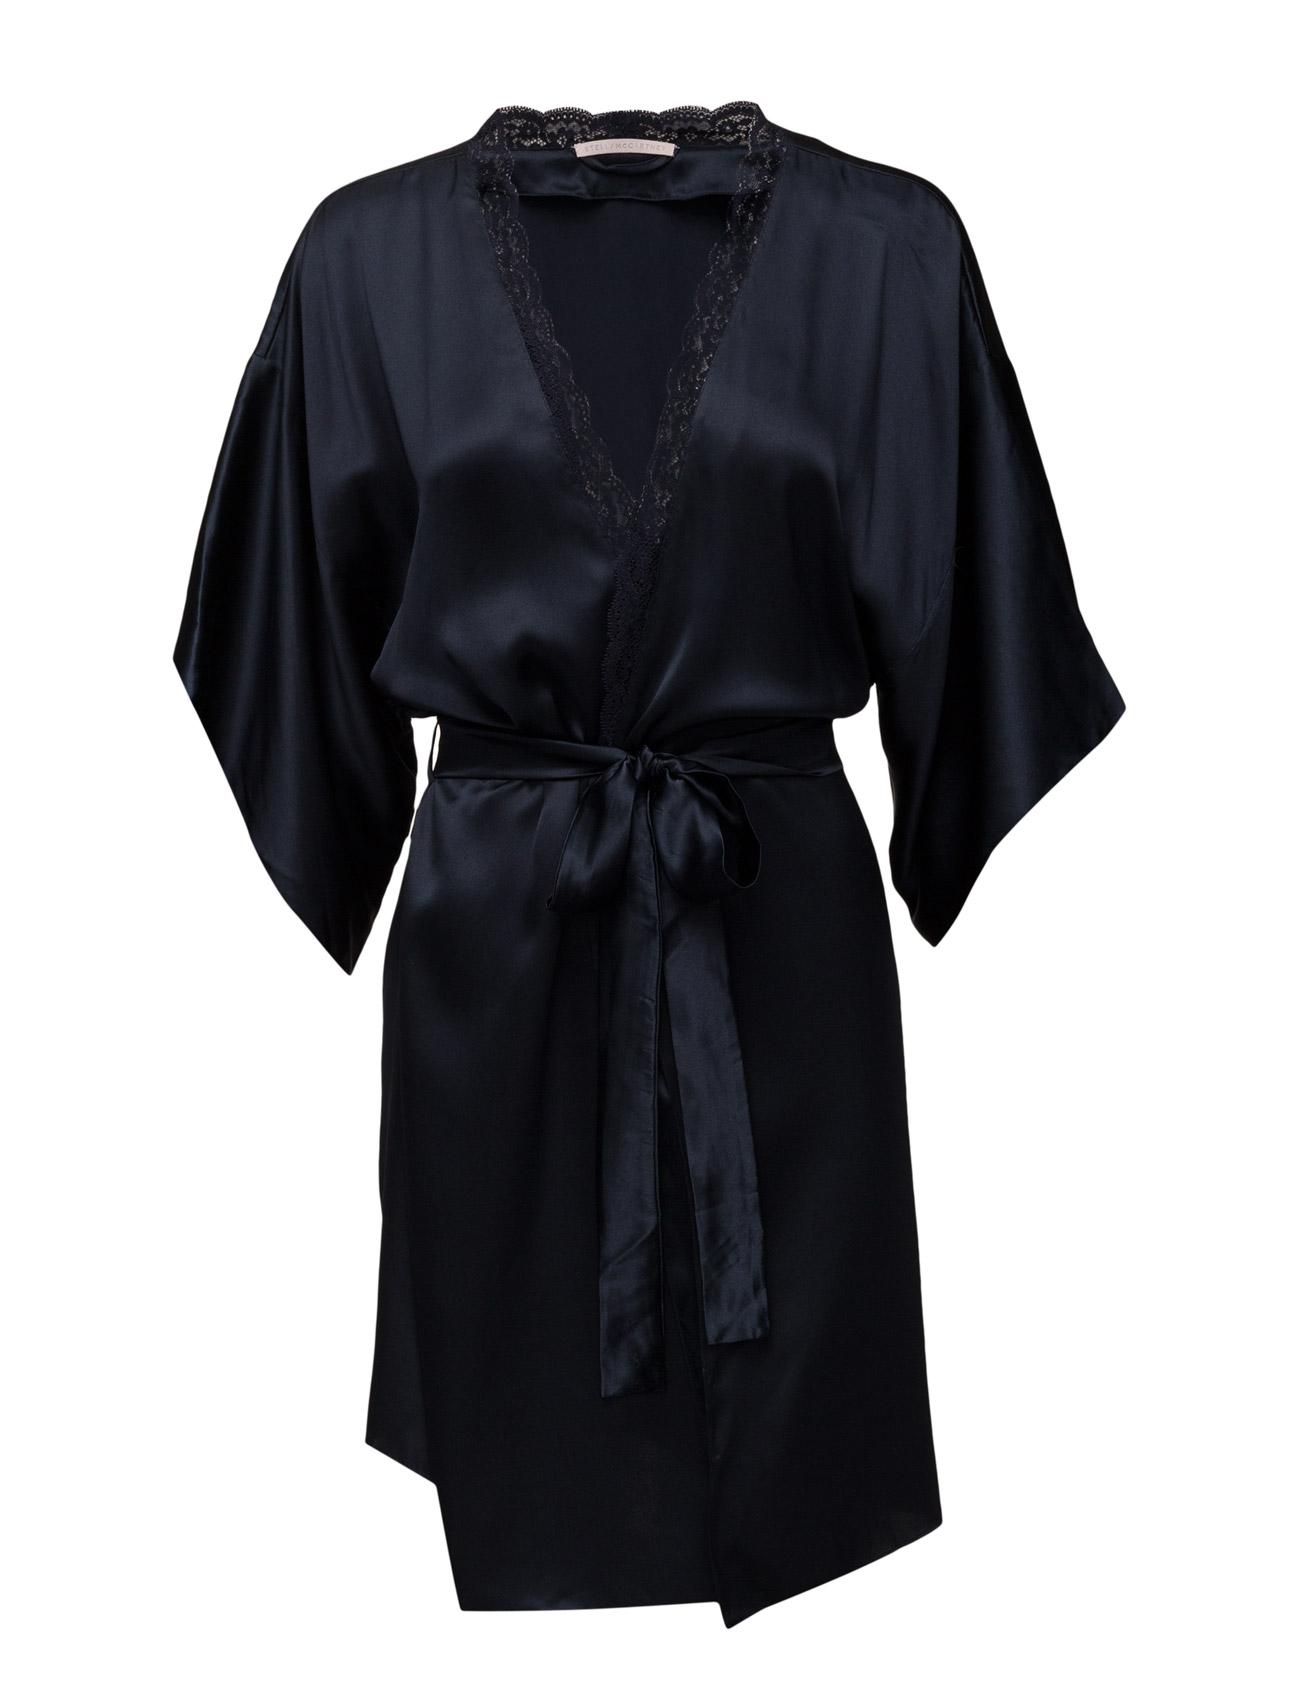 Robe Clara Whispering Stella McCartney Lingerie Nattøj til Kvinder i